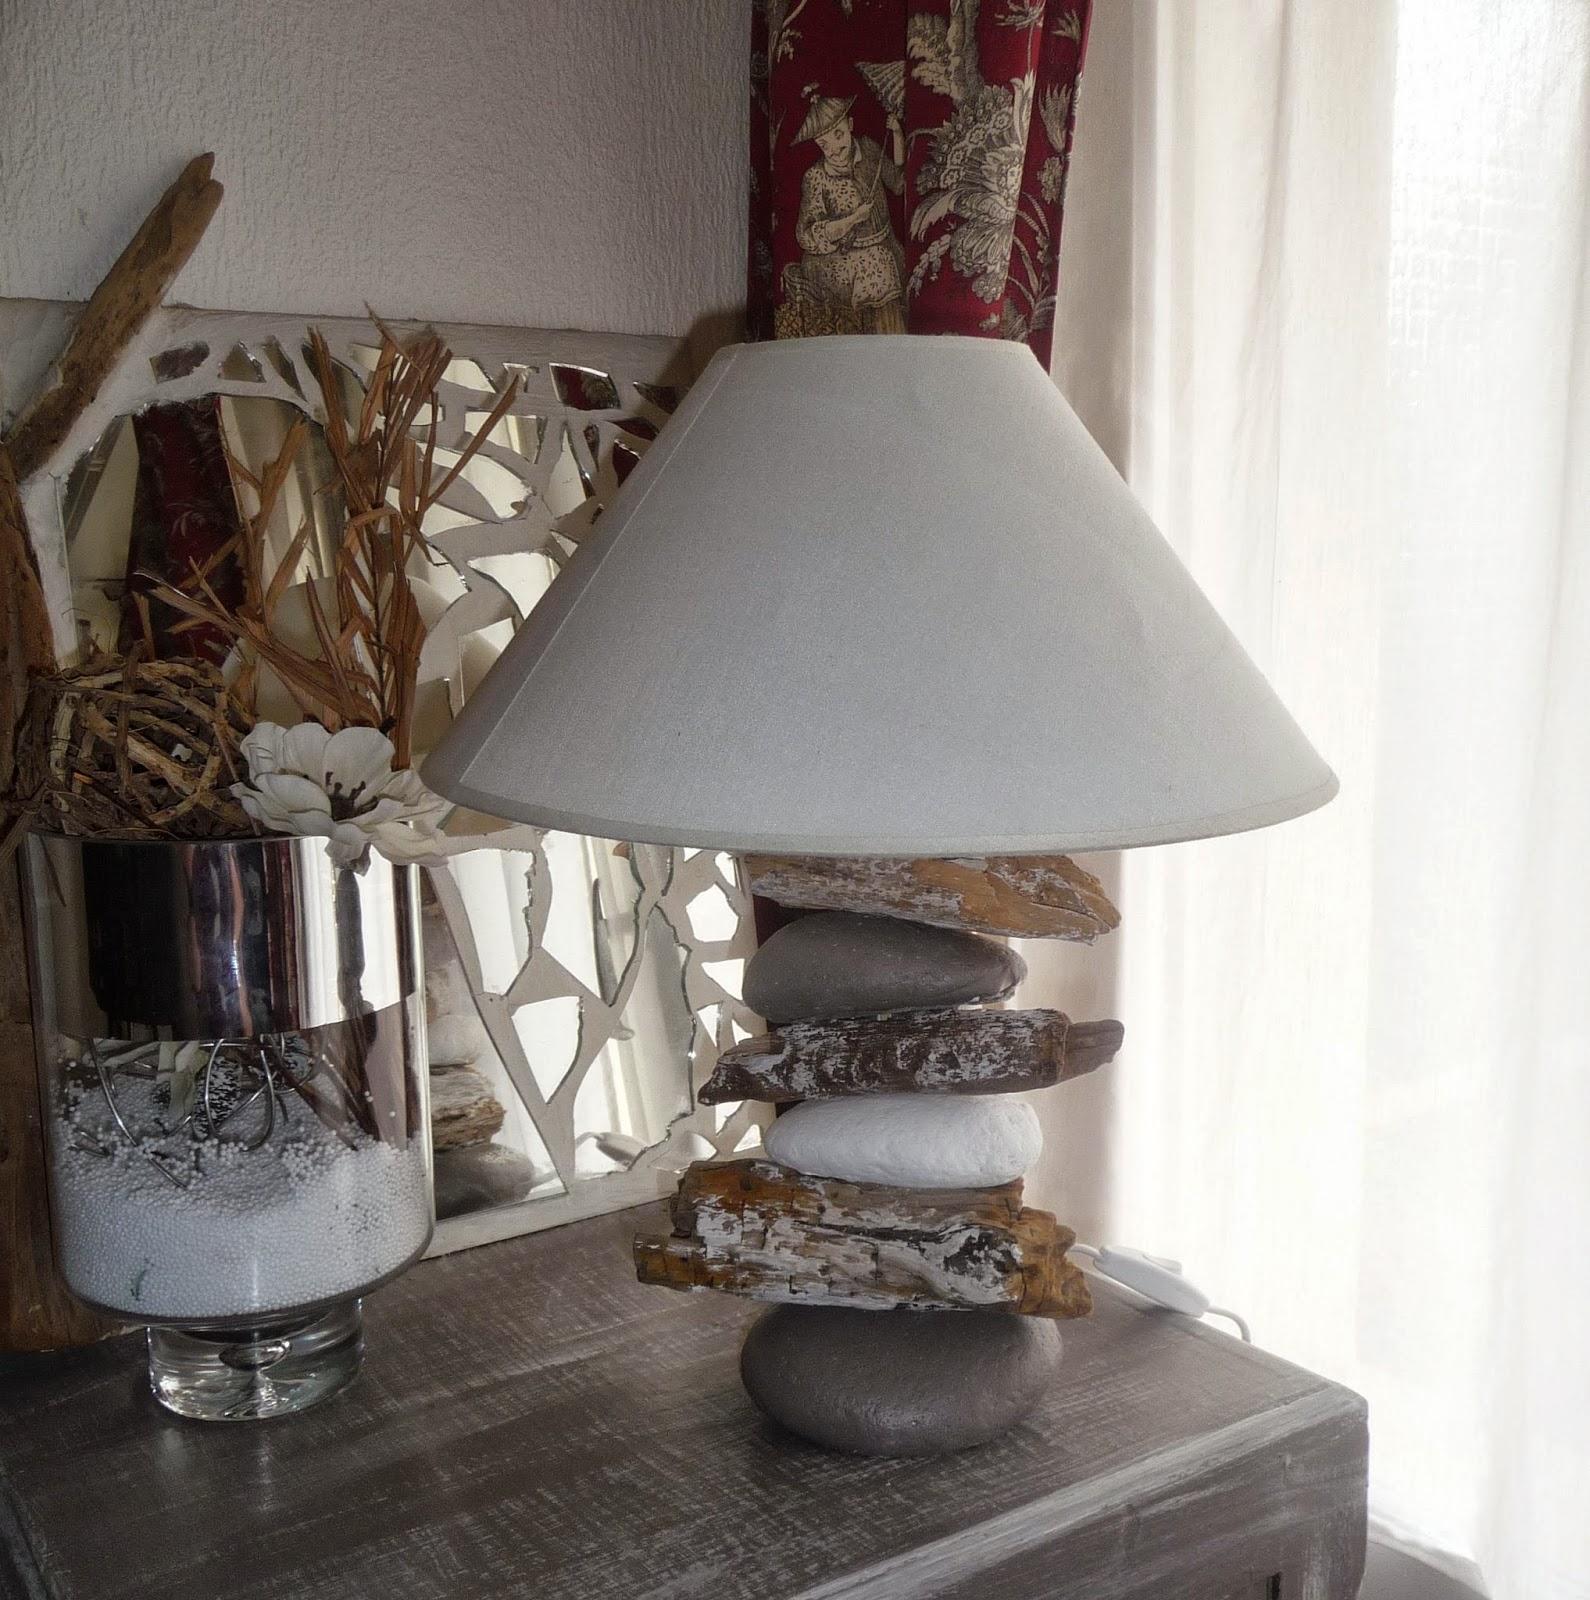 Quelle Colle Utiliser Pour Les Galets cuillère, aiguille et scie sauteuse: lampe galets